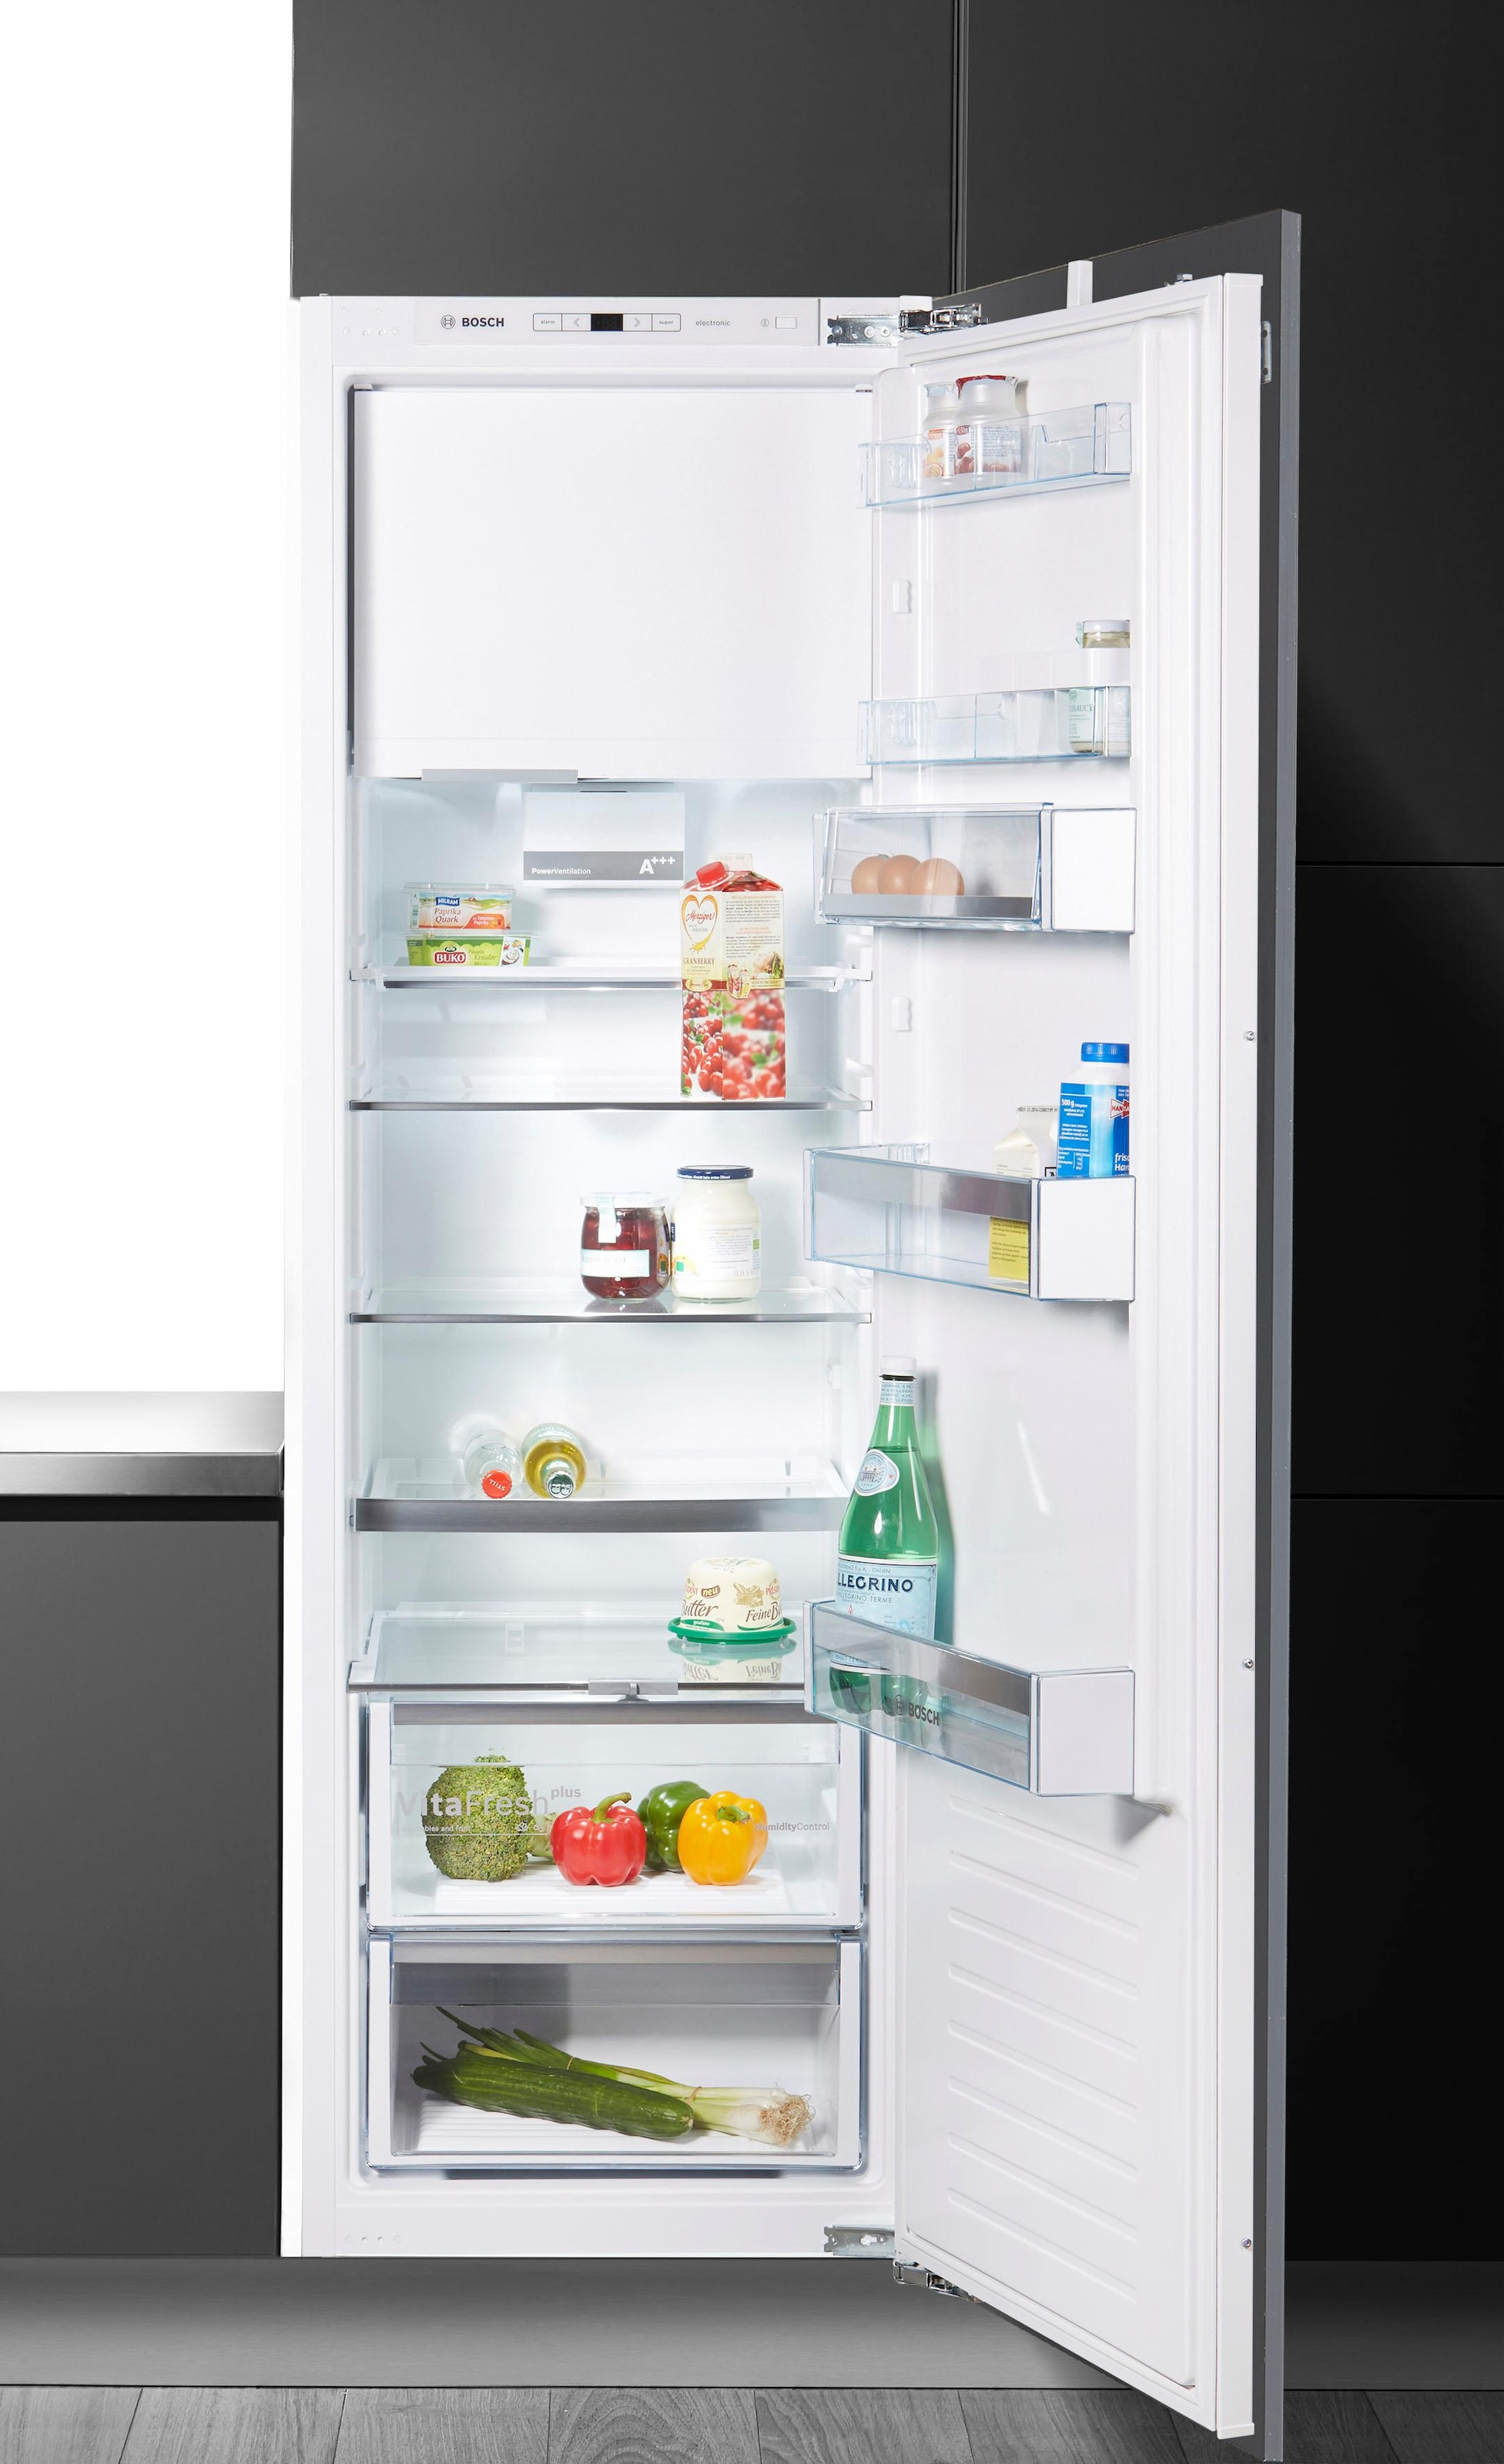 Bosch Kühlschrank Vitafresh Bedienungsanleitung : Bosch vollintegrierbar einbau kühlschrank kil ad cm hoch